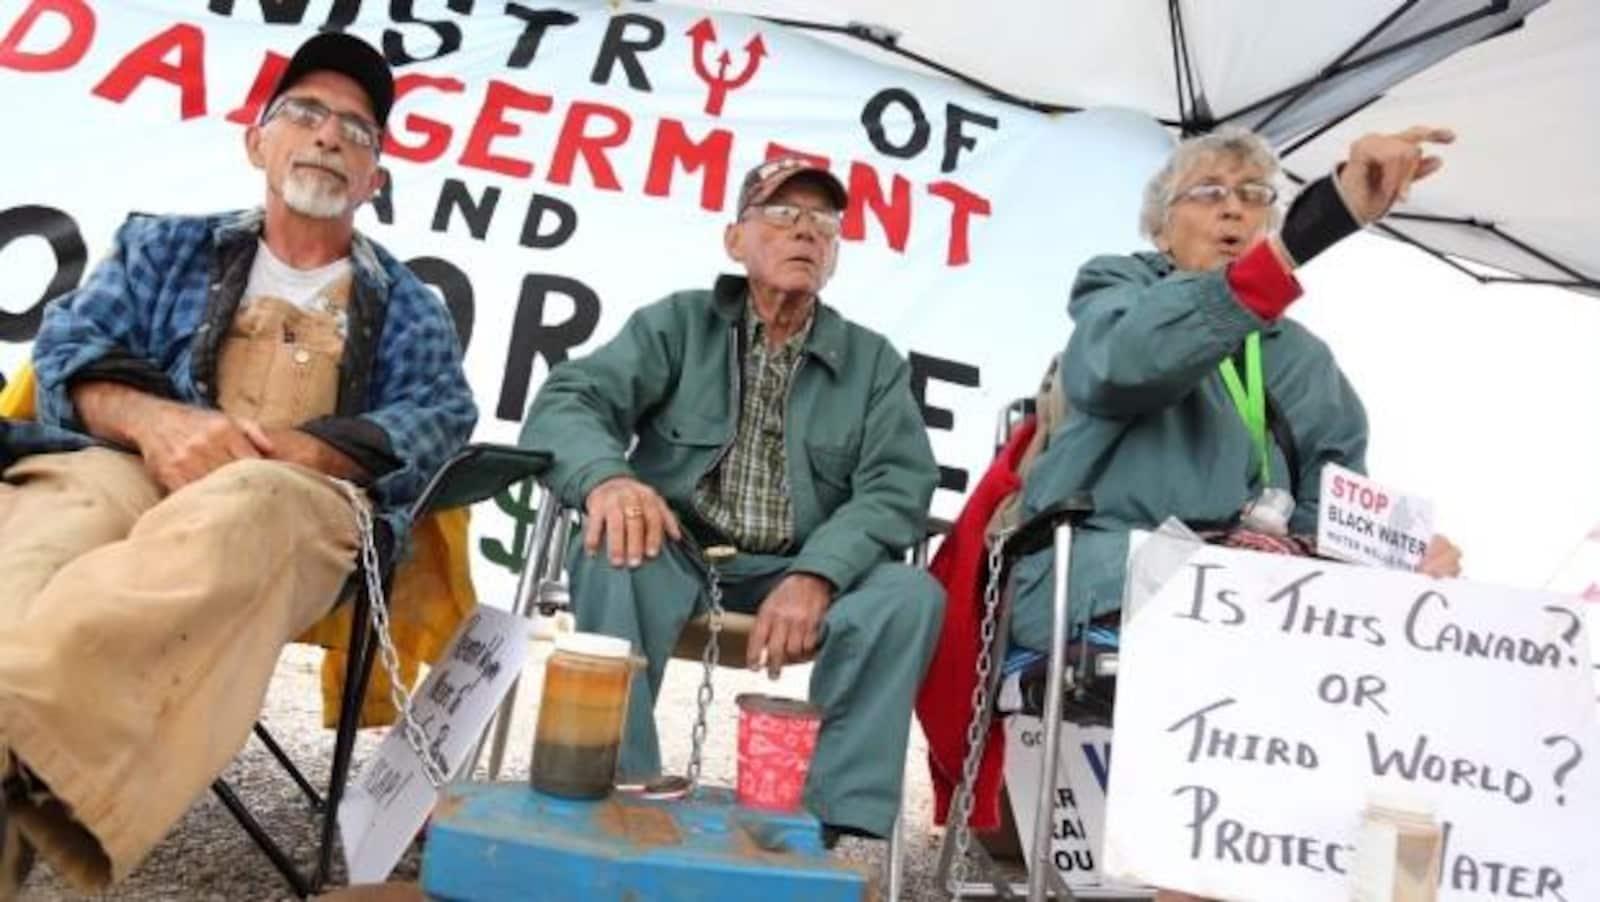 Des résidents de Chatham-Kent frustrés par la construction d'éoliennes ont organisé un blocus le 29 août pour réclamer l'arrêt des travaux.